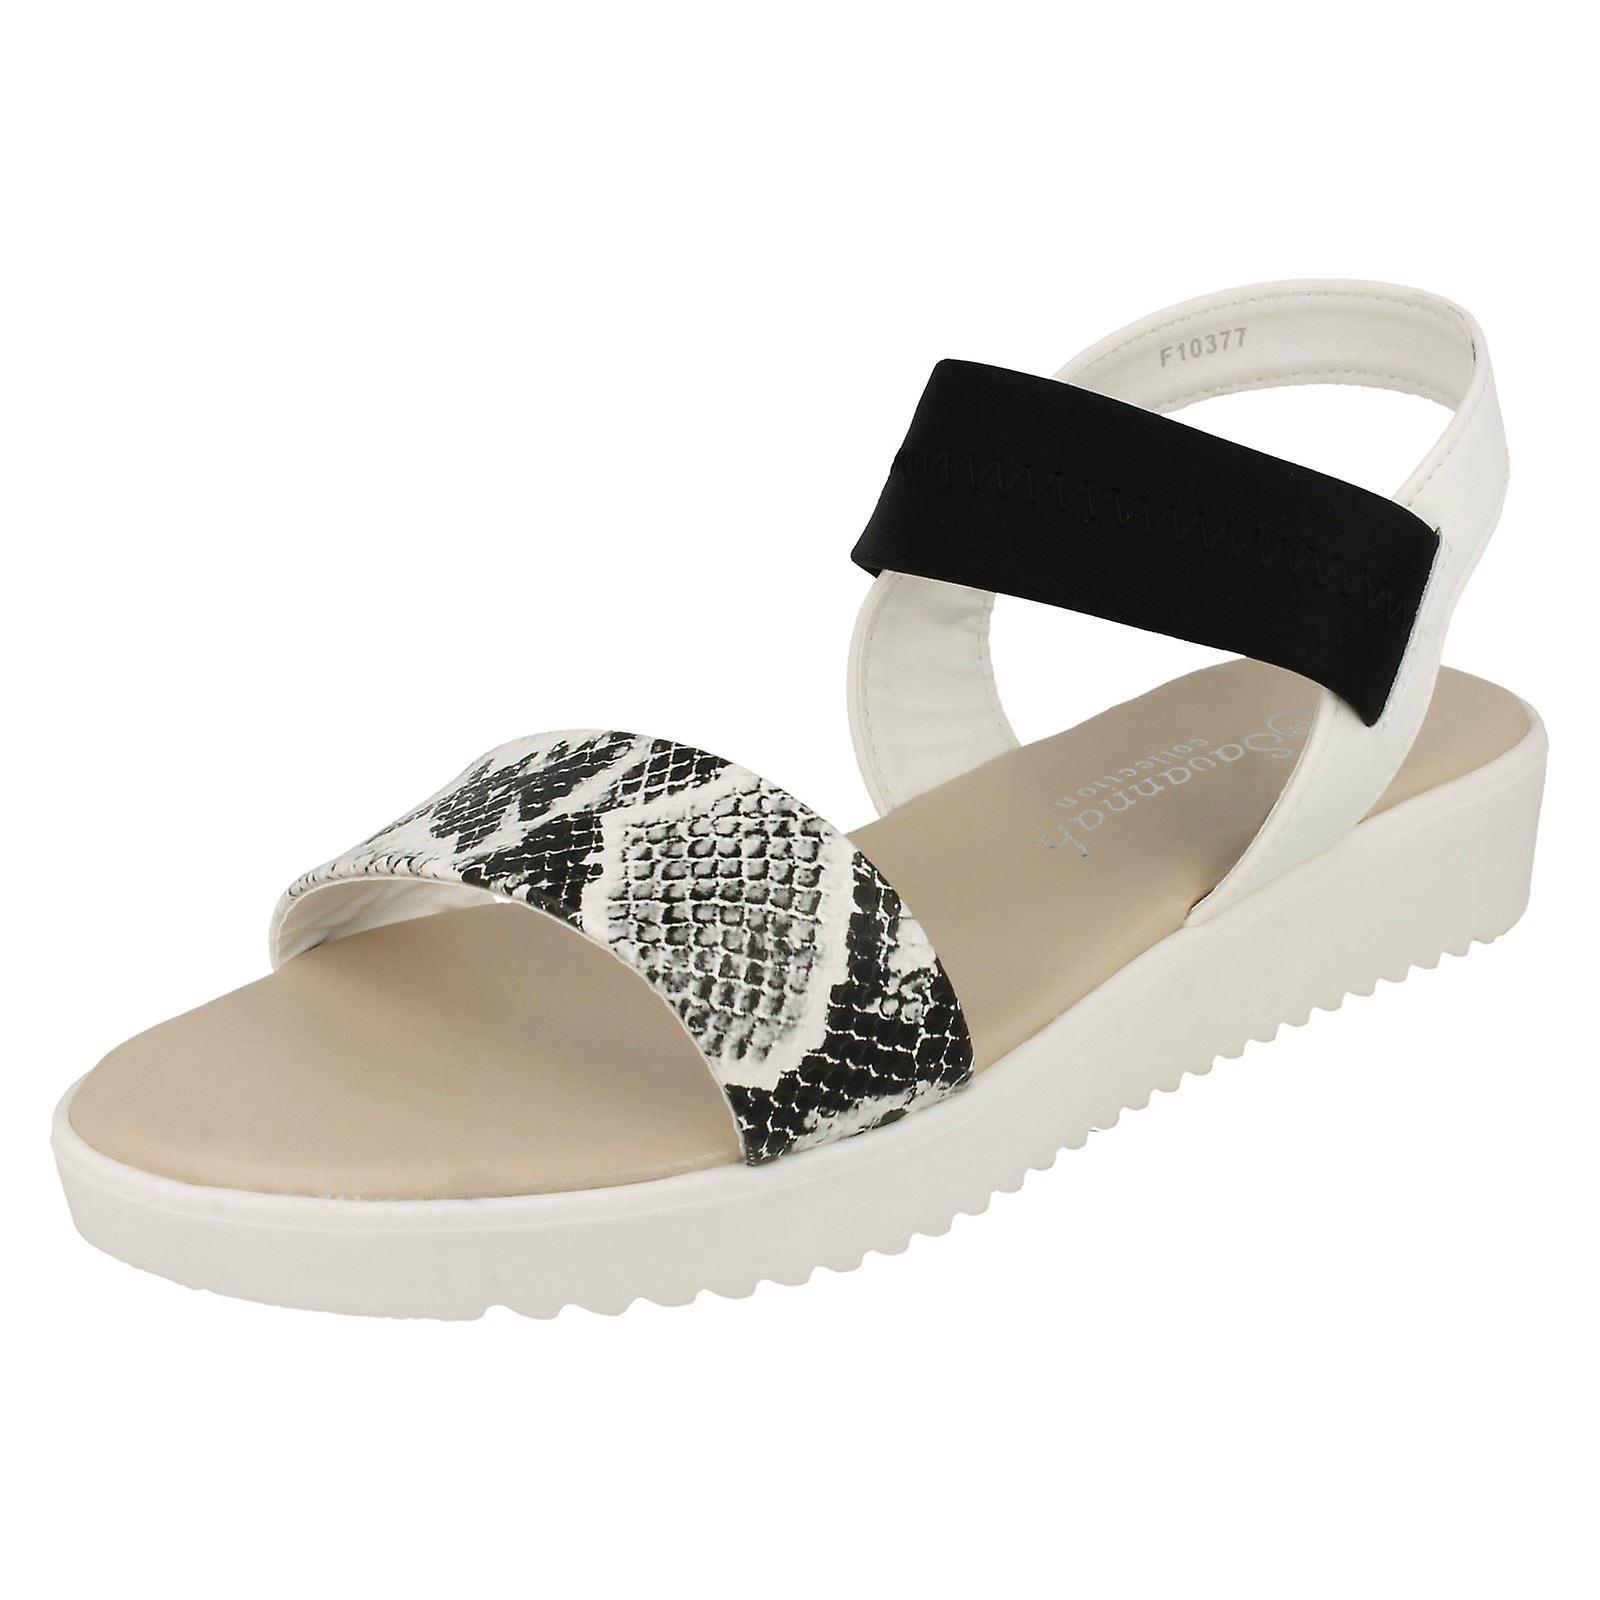 Savannah damskie masywny latem płaskie sandały lTgt4